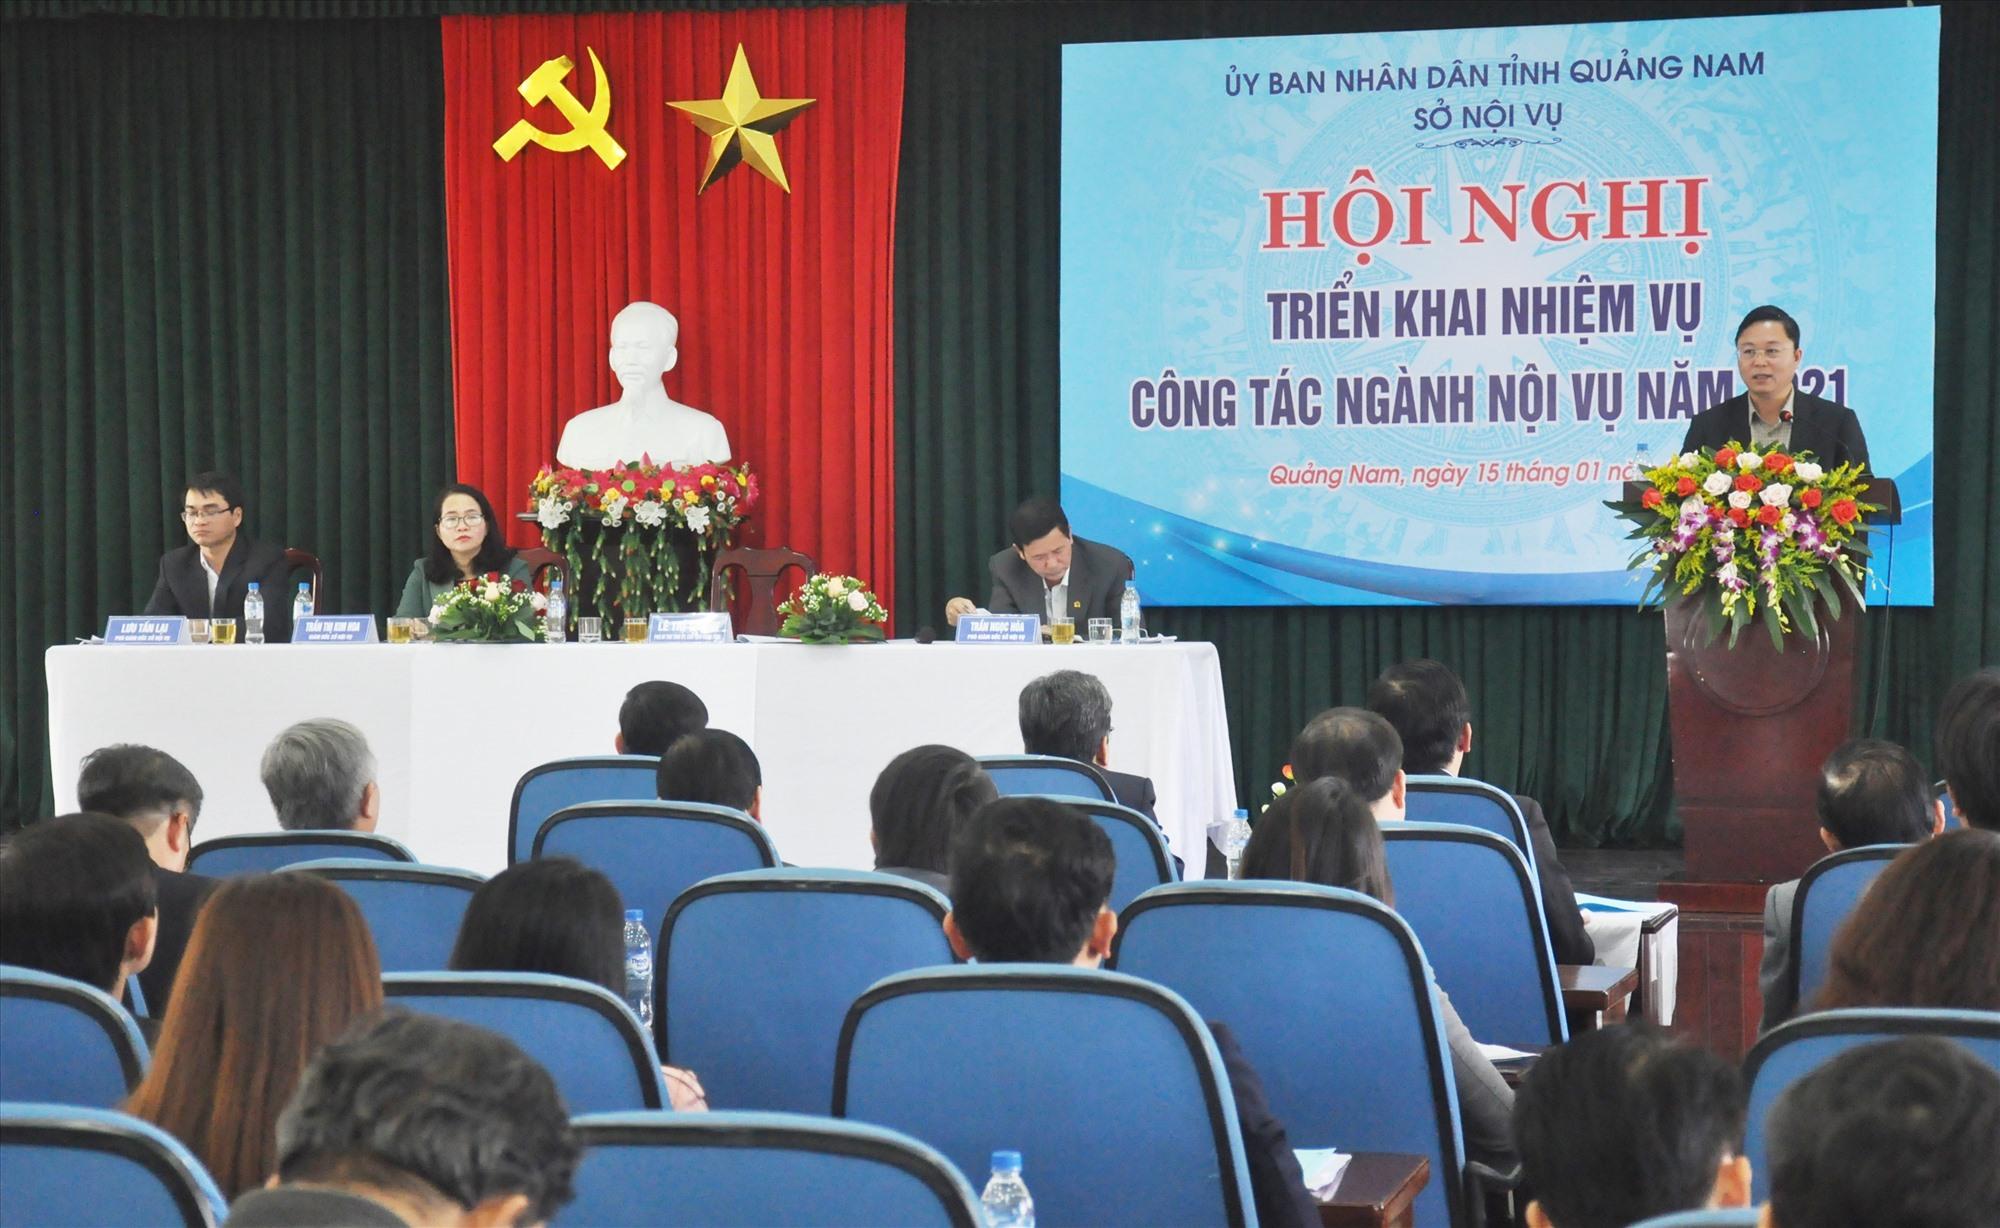 Quang cảnh hội nghị tổng kết công tác ngành nội vụ tỉnh chiều 15.1. Ảnh: N.Đ